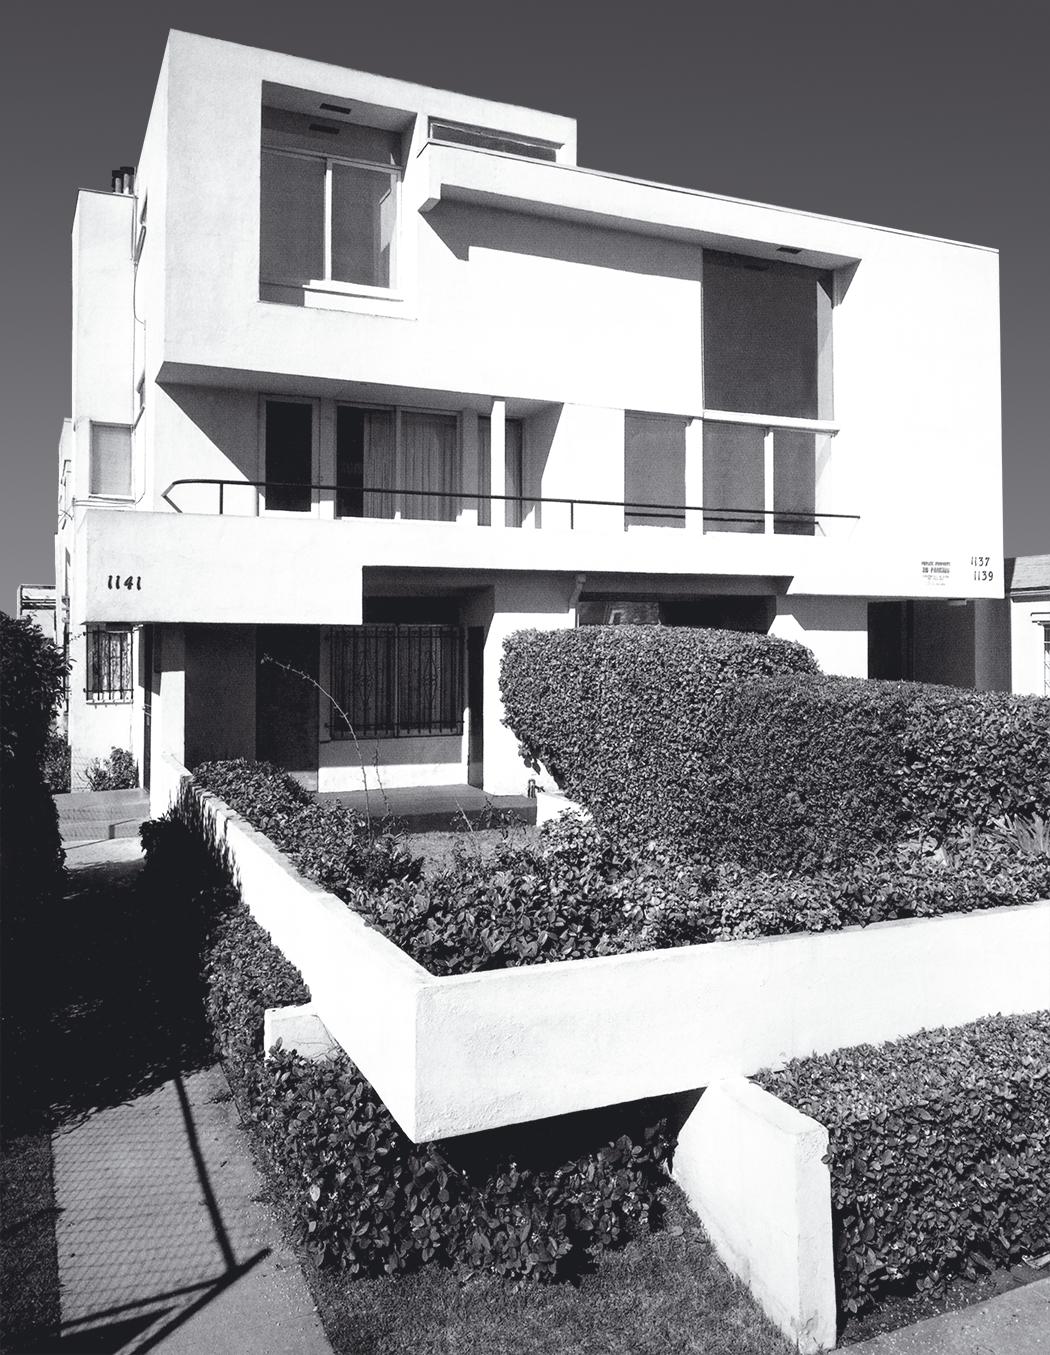 مجتمع آپارتمانی مکی، رودولف اِم.شیندلر، لوس آنجلس، 1934